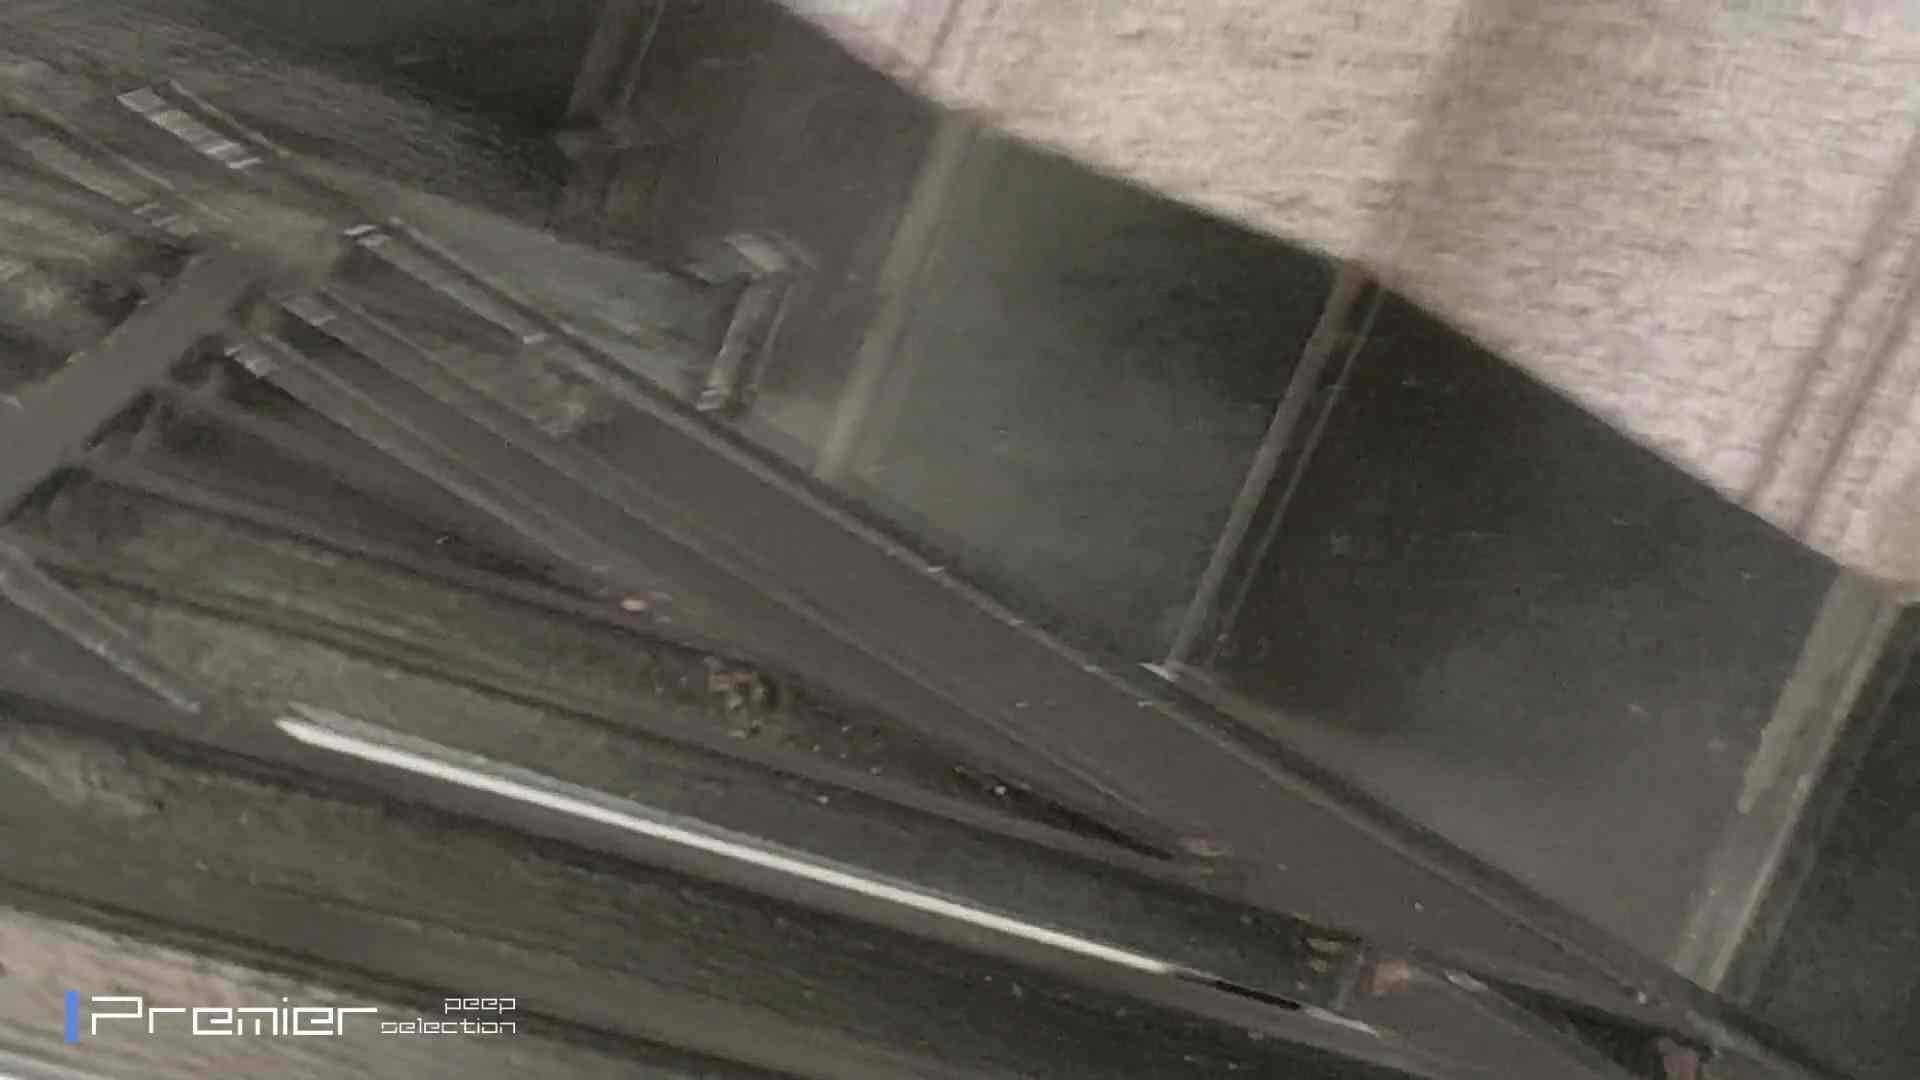 生理用ナプキン交換 大学休憩時間の洗面所事情77 エッチすぎるお姉さん オマンコ無修正動画無料 69連発 13